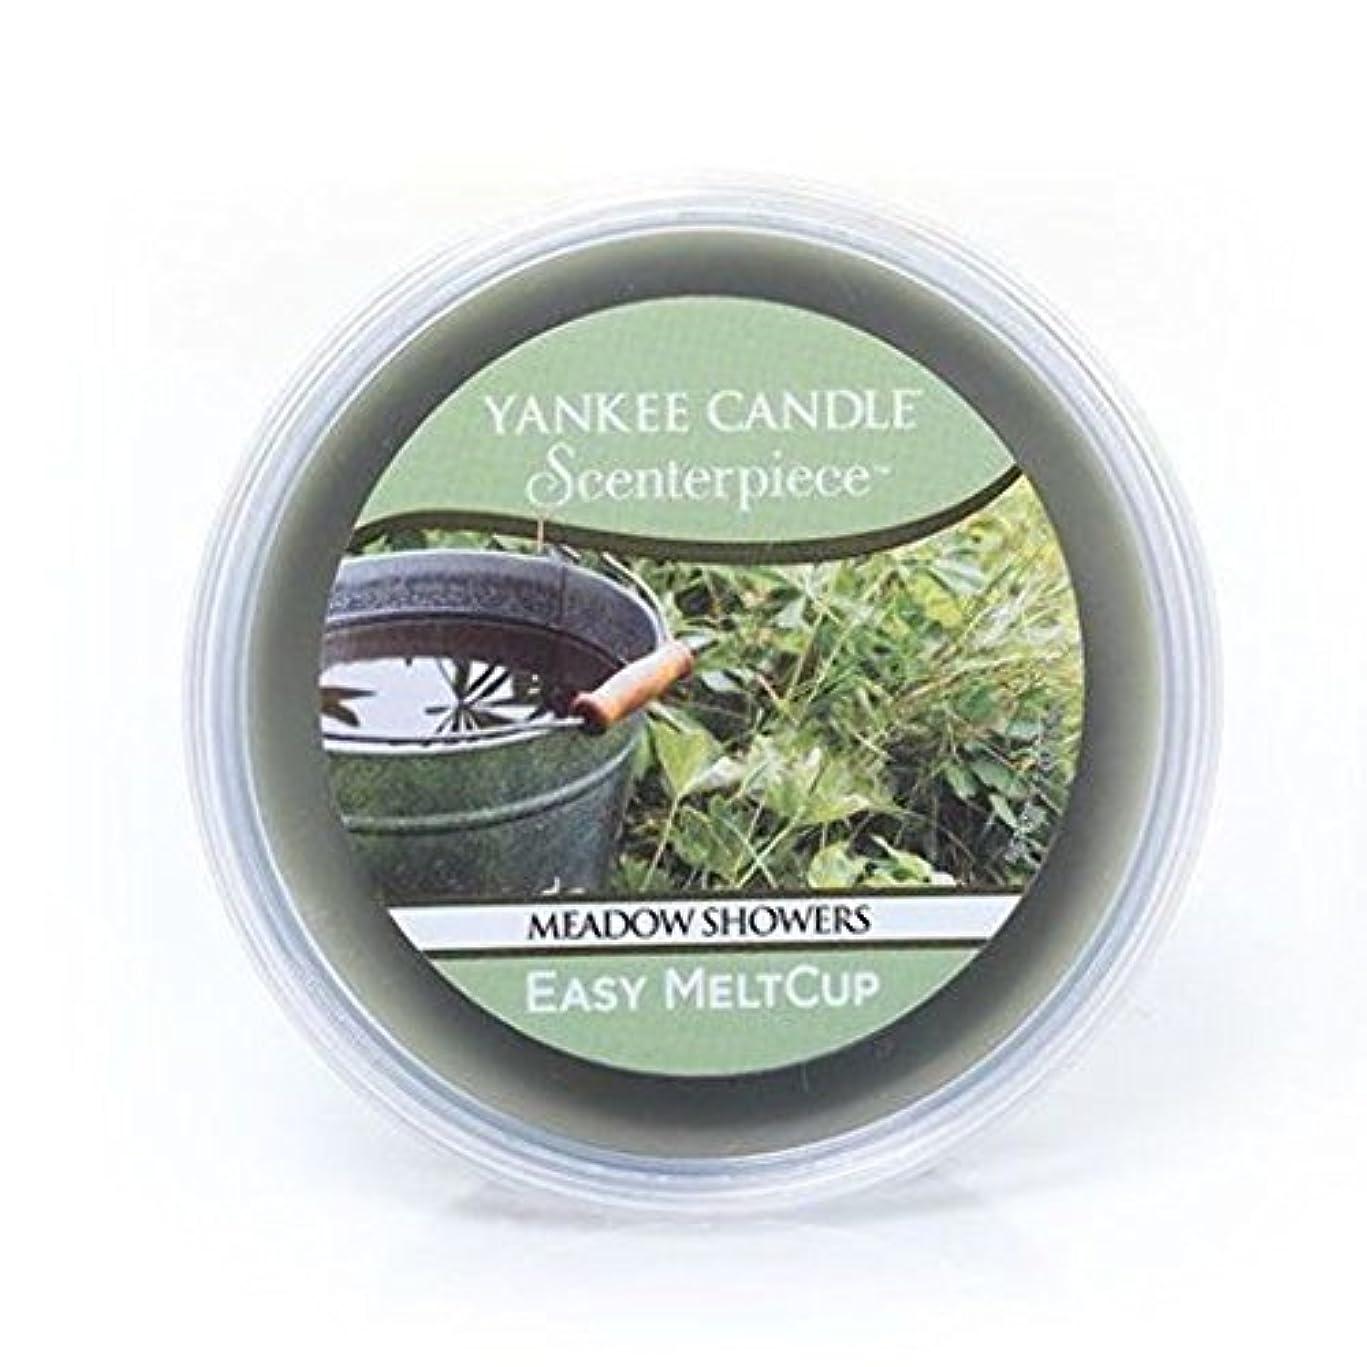 関数ジャンル動物園Yankee Candle Meadow Showers Scenterpiece Easy MeltCup、新鮮な香り